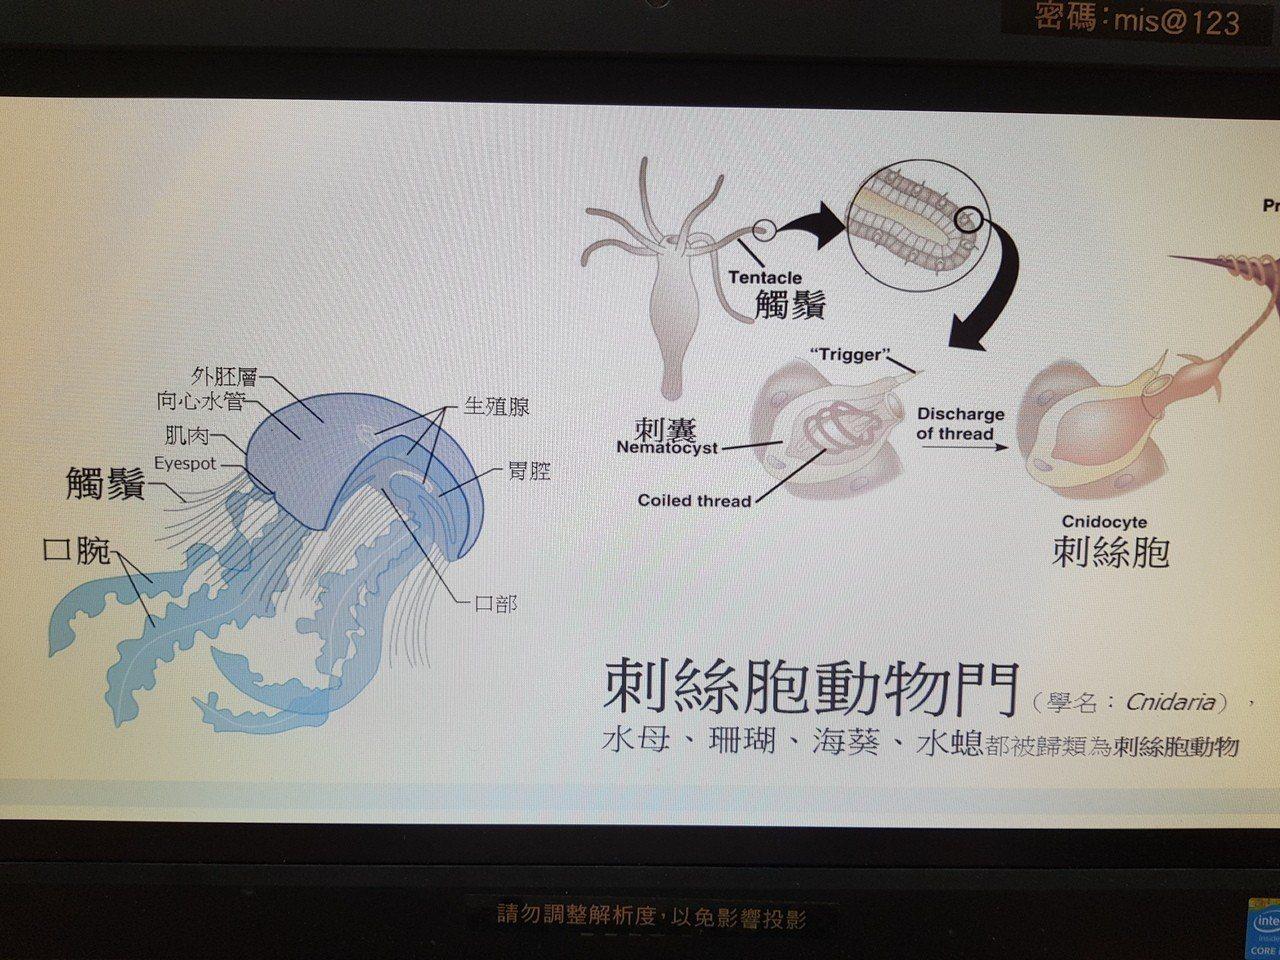 成大皮膚科醫師劉承翰提醒民眾 到海邊玩要小心水母 記者修瑞瑩/攝影